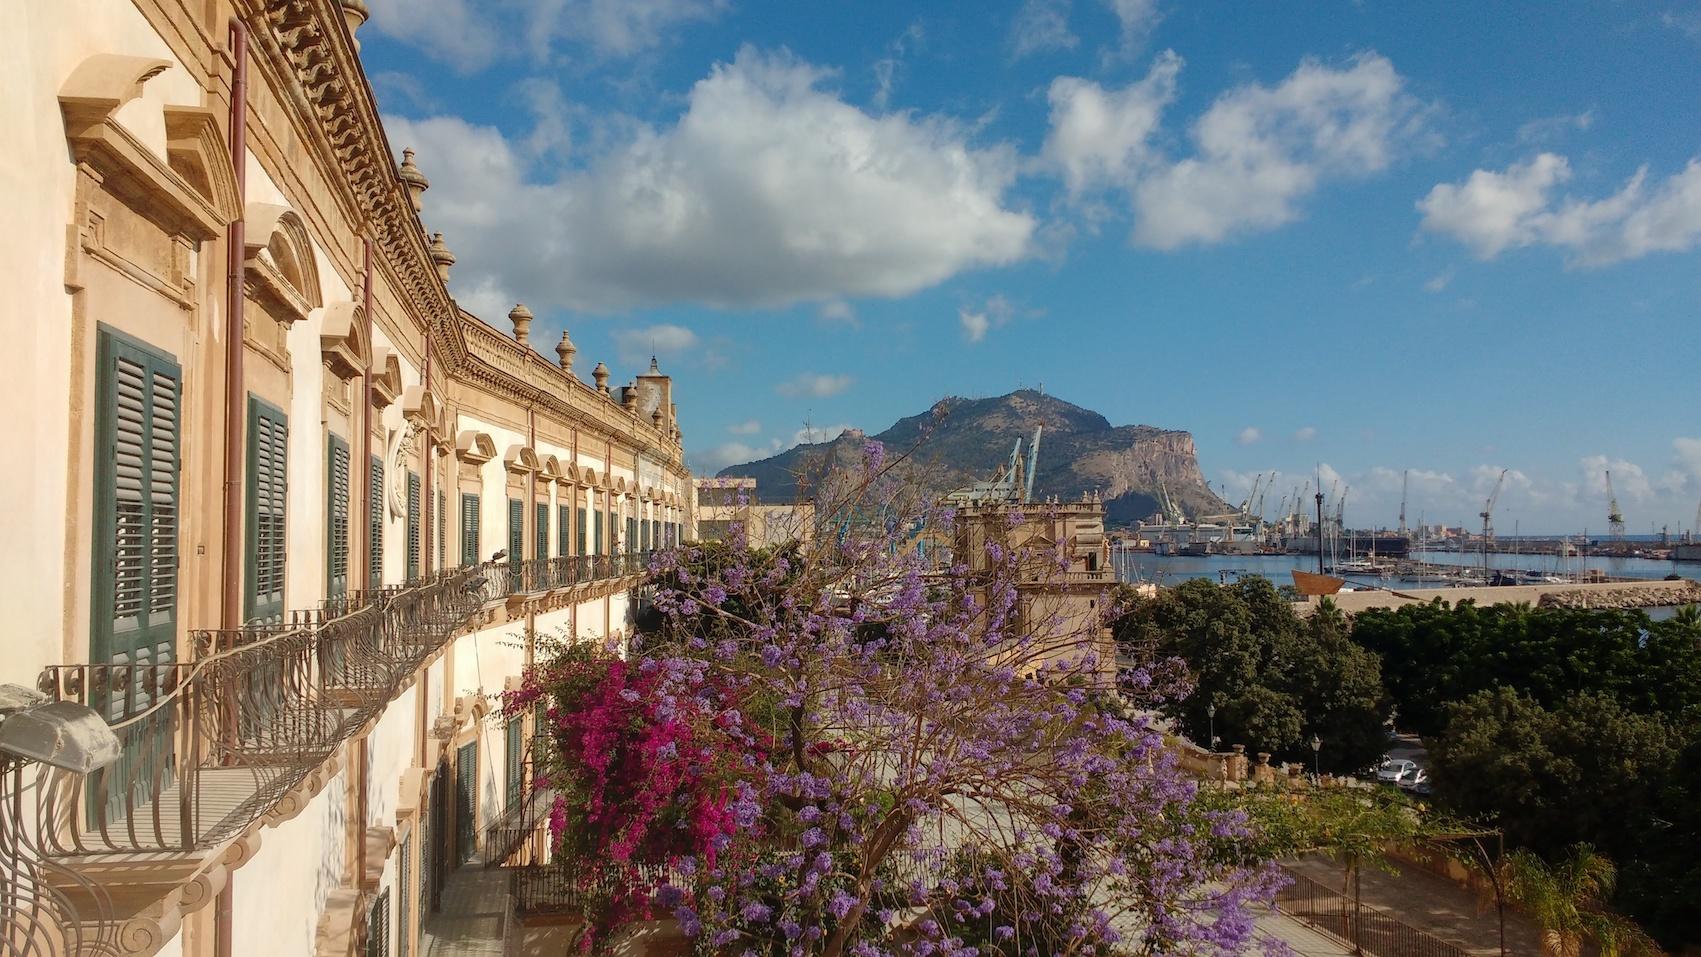 Palermo, una proposta per ricostruire una città oggi ridotta ai minimi termini